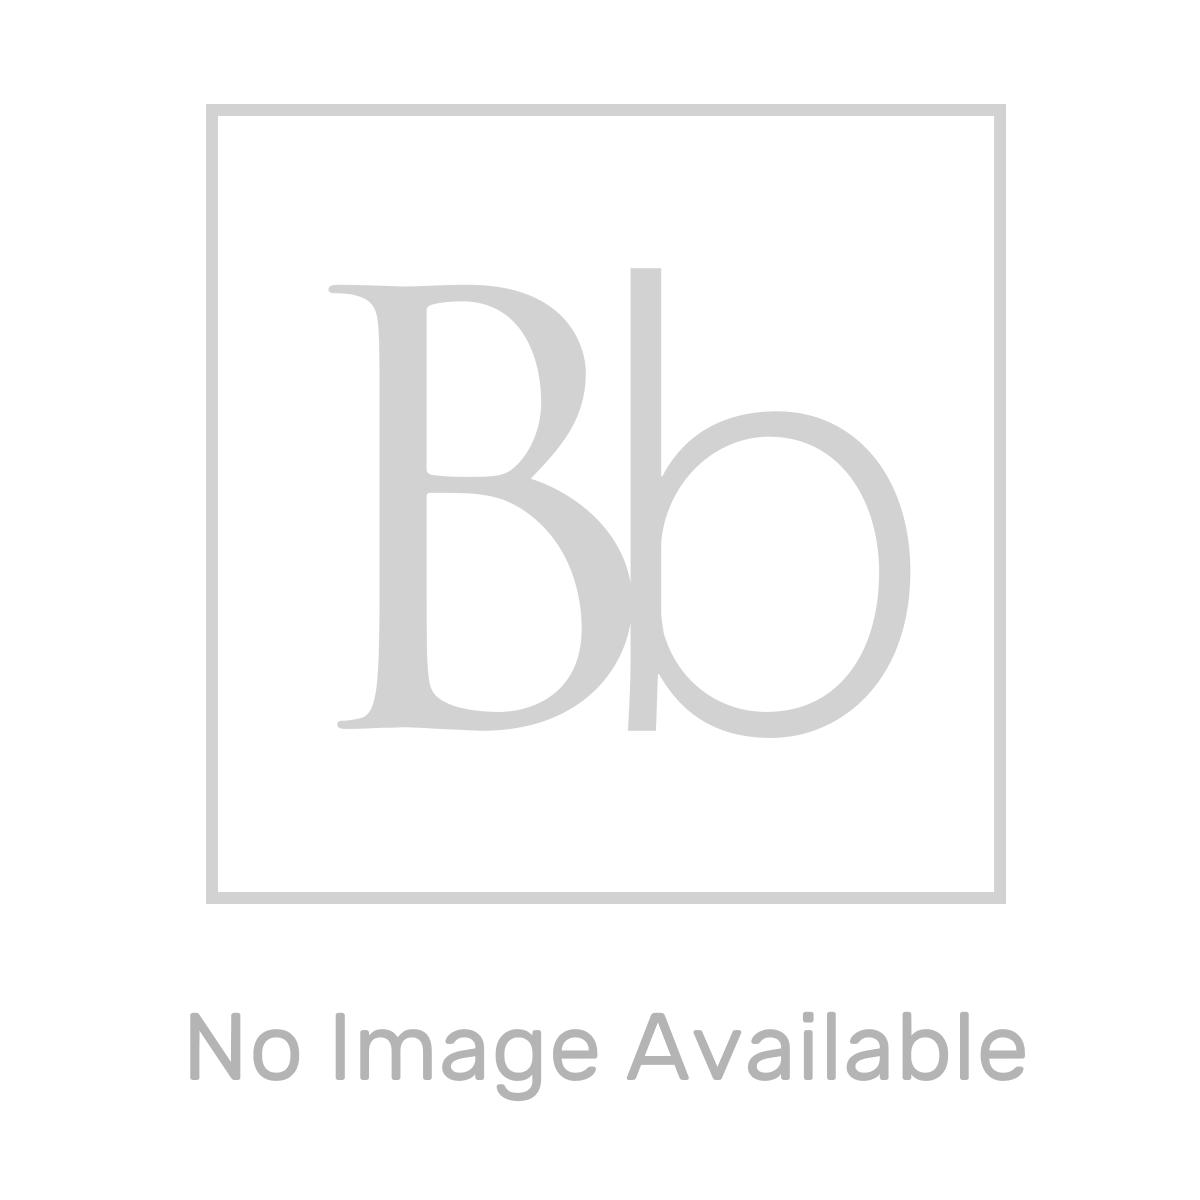 April White End Bath Panel 700mm